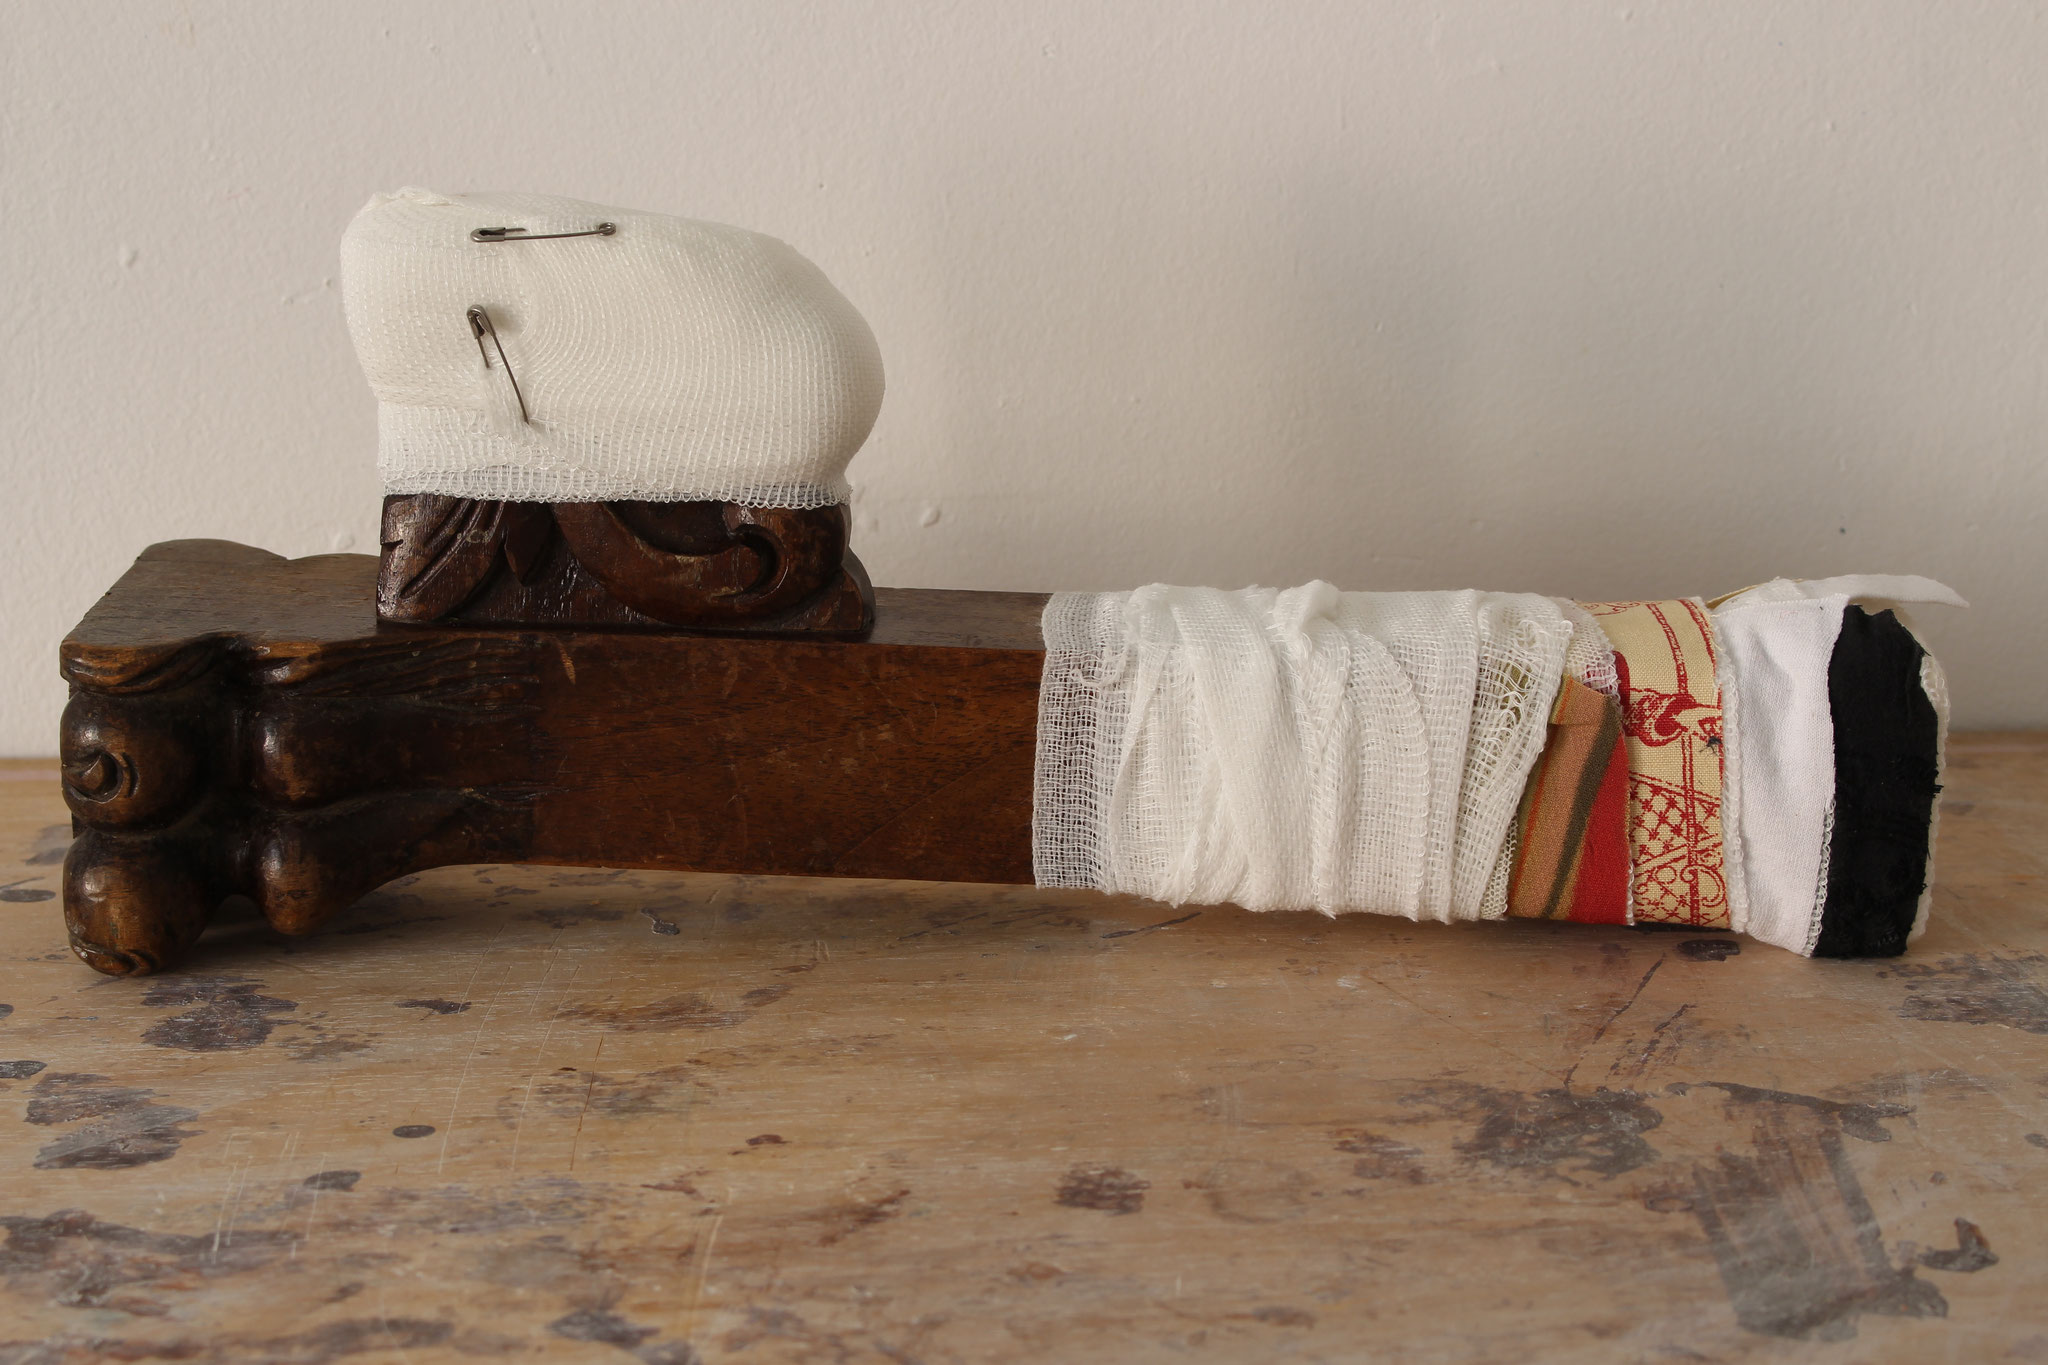 """Eva Hradil """"amputiert / amputó"""", 2017, geschnitztes Nussbaumholz eines Thronsessels aus Historismus, Teile von Kleidungsstücken, Verbandmull, Sicherheitsnadeln"""